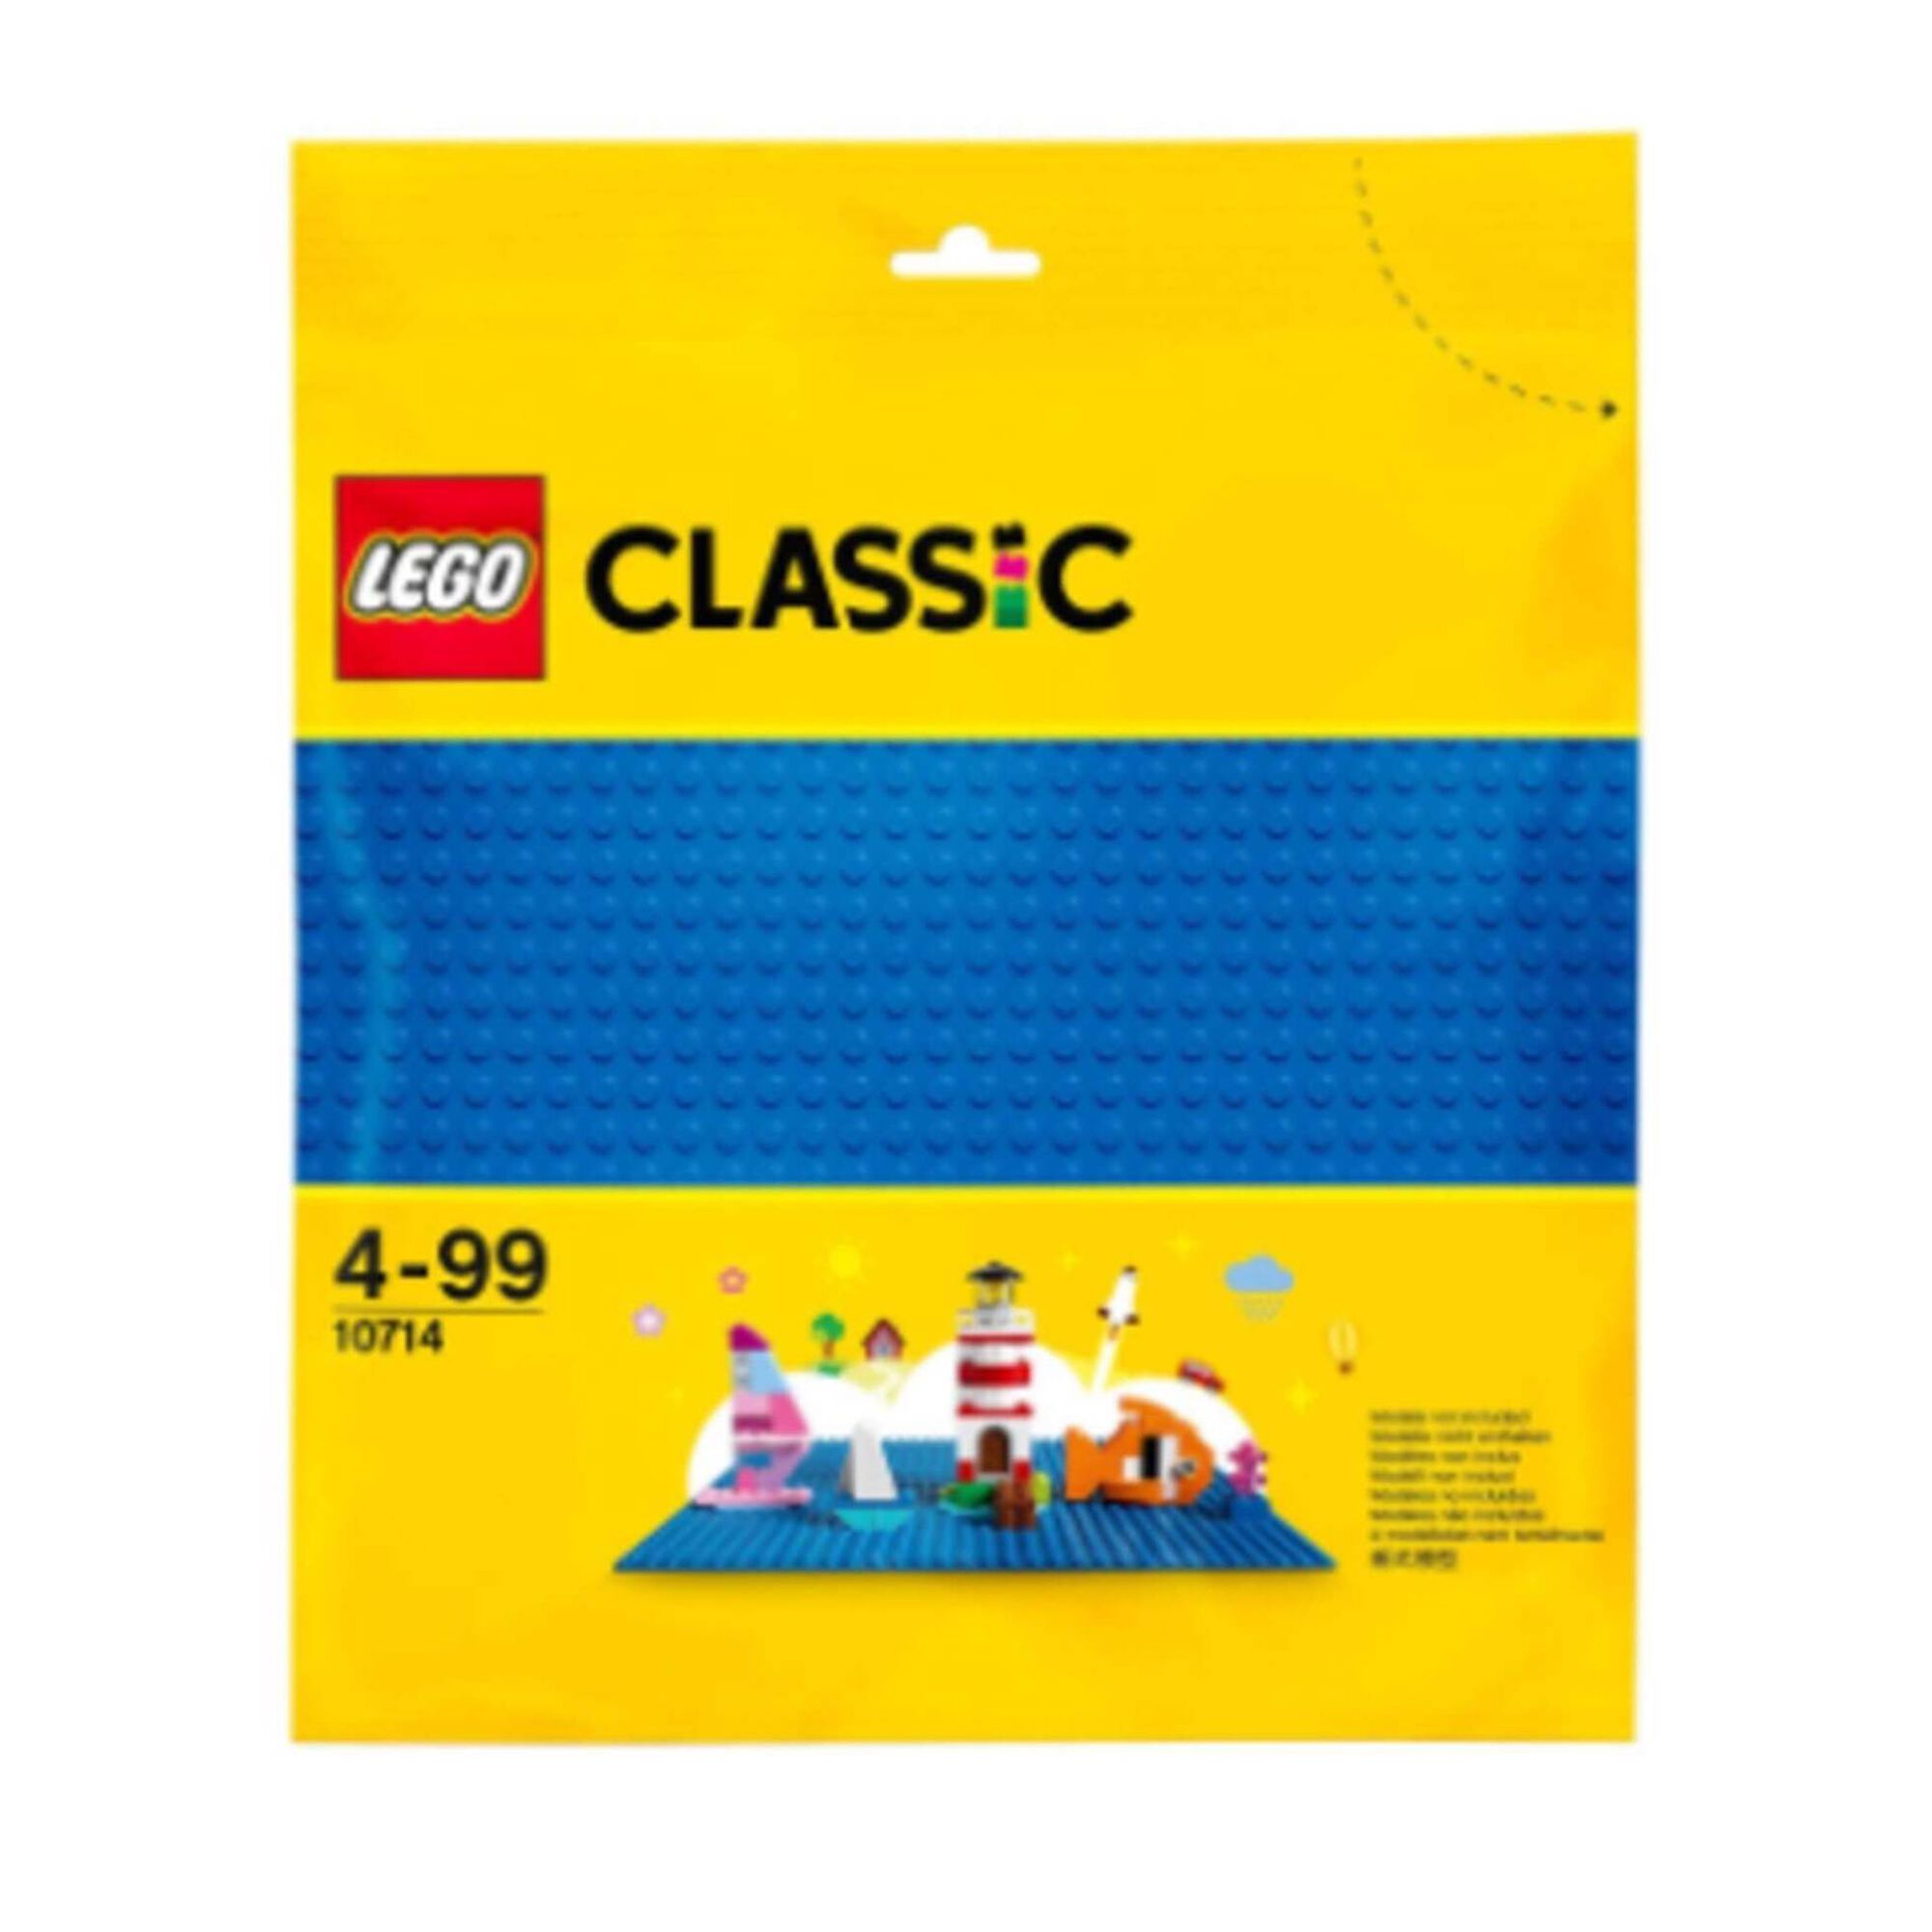 Placa de Construção Azul - 10714